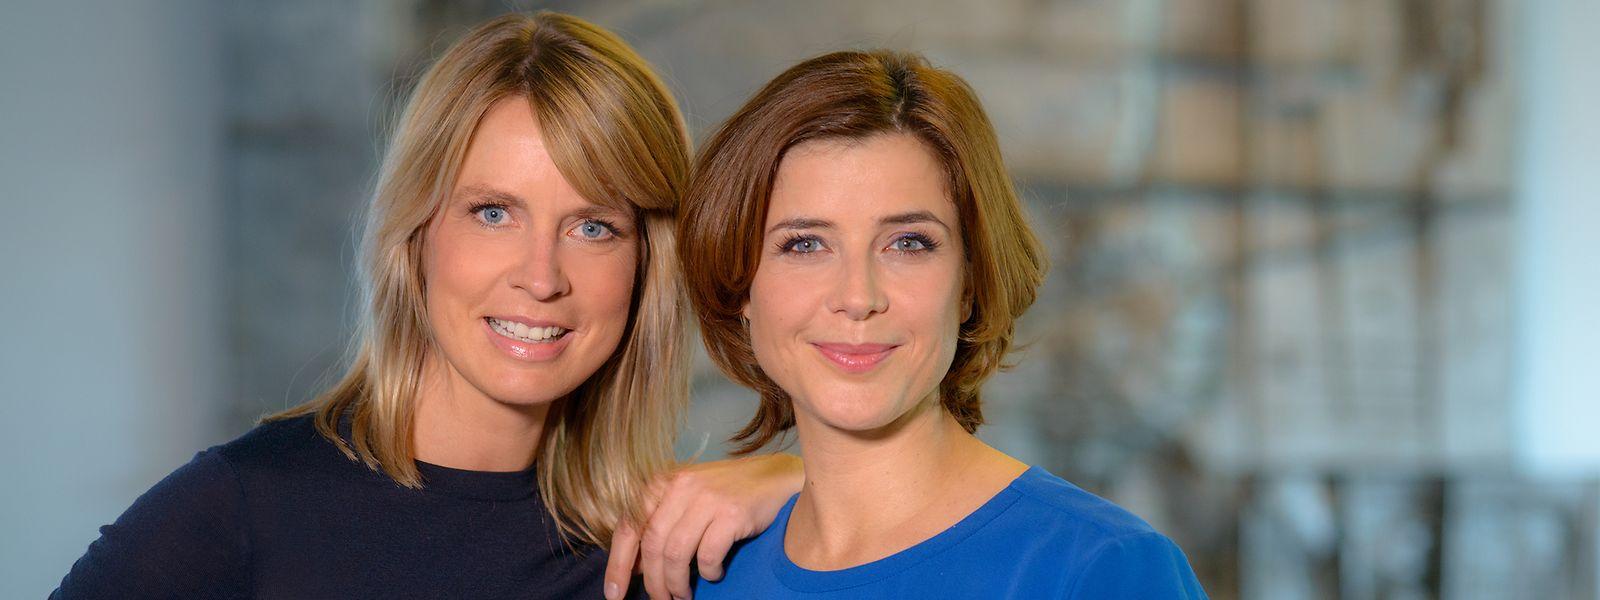 Führen gemeinsam durch den neuen Berlin-Talk: Jessy Wellmer (l.) und Eva-Maria Lemke.